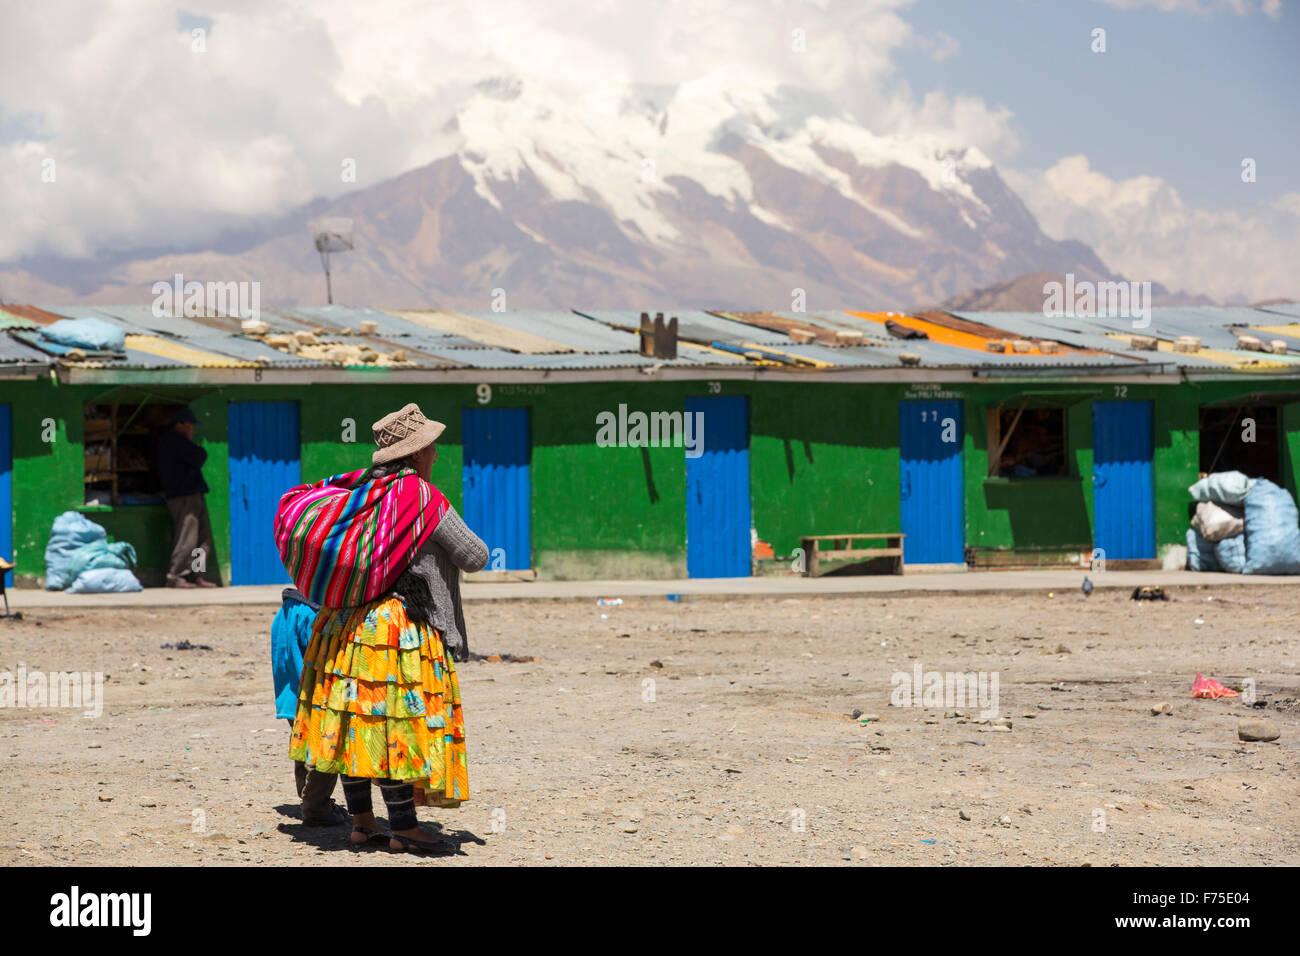 Il picco di Illimani (6343 metri) da El Alto sopra, La Paz, Bolivia. La Paz e El Alto sono criticamente a corto di acqua e probabilmente sarà la prima città capitale del mondo che dovrà essere in gran parte abbandonato a causa di mancanza di acqua. Essa si basa principalmente su acqua di disgelo glaciale dal circostante picchi andini, ma come il cambiamento climatico provoca i ghiacciai a fusione, si è rapidamente a corto di acqua. Foto Stock